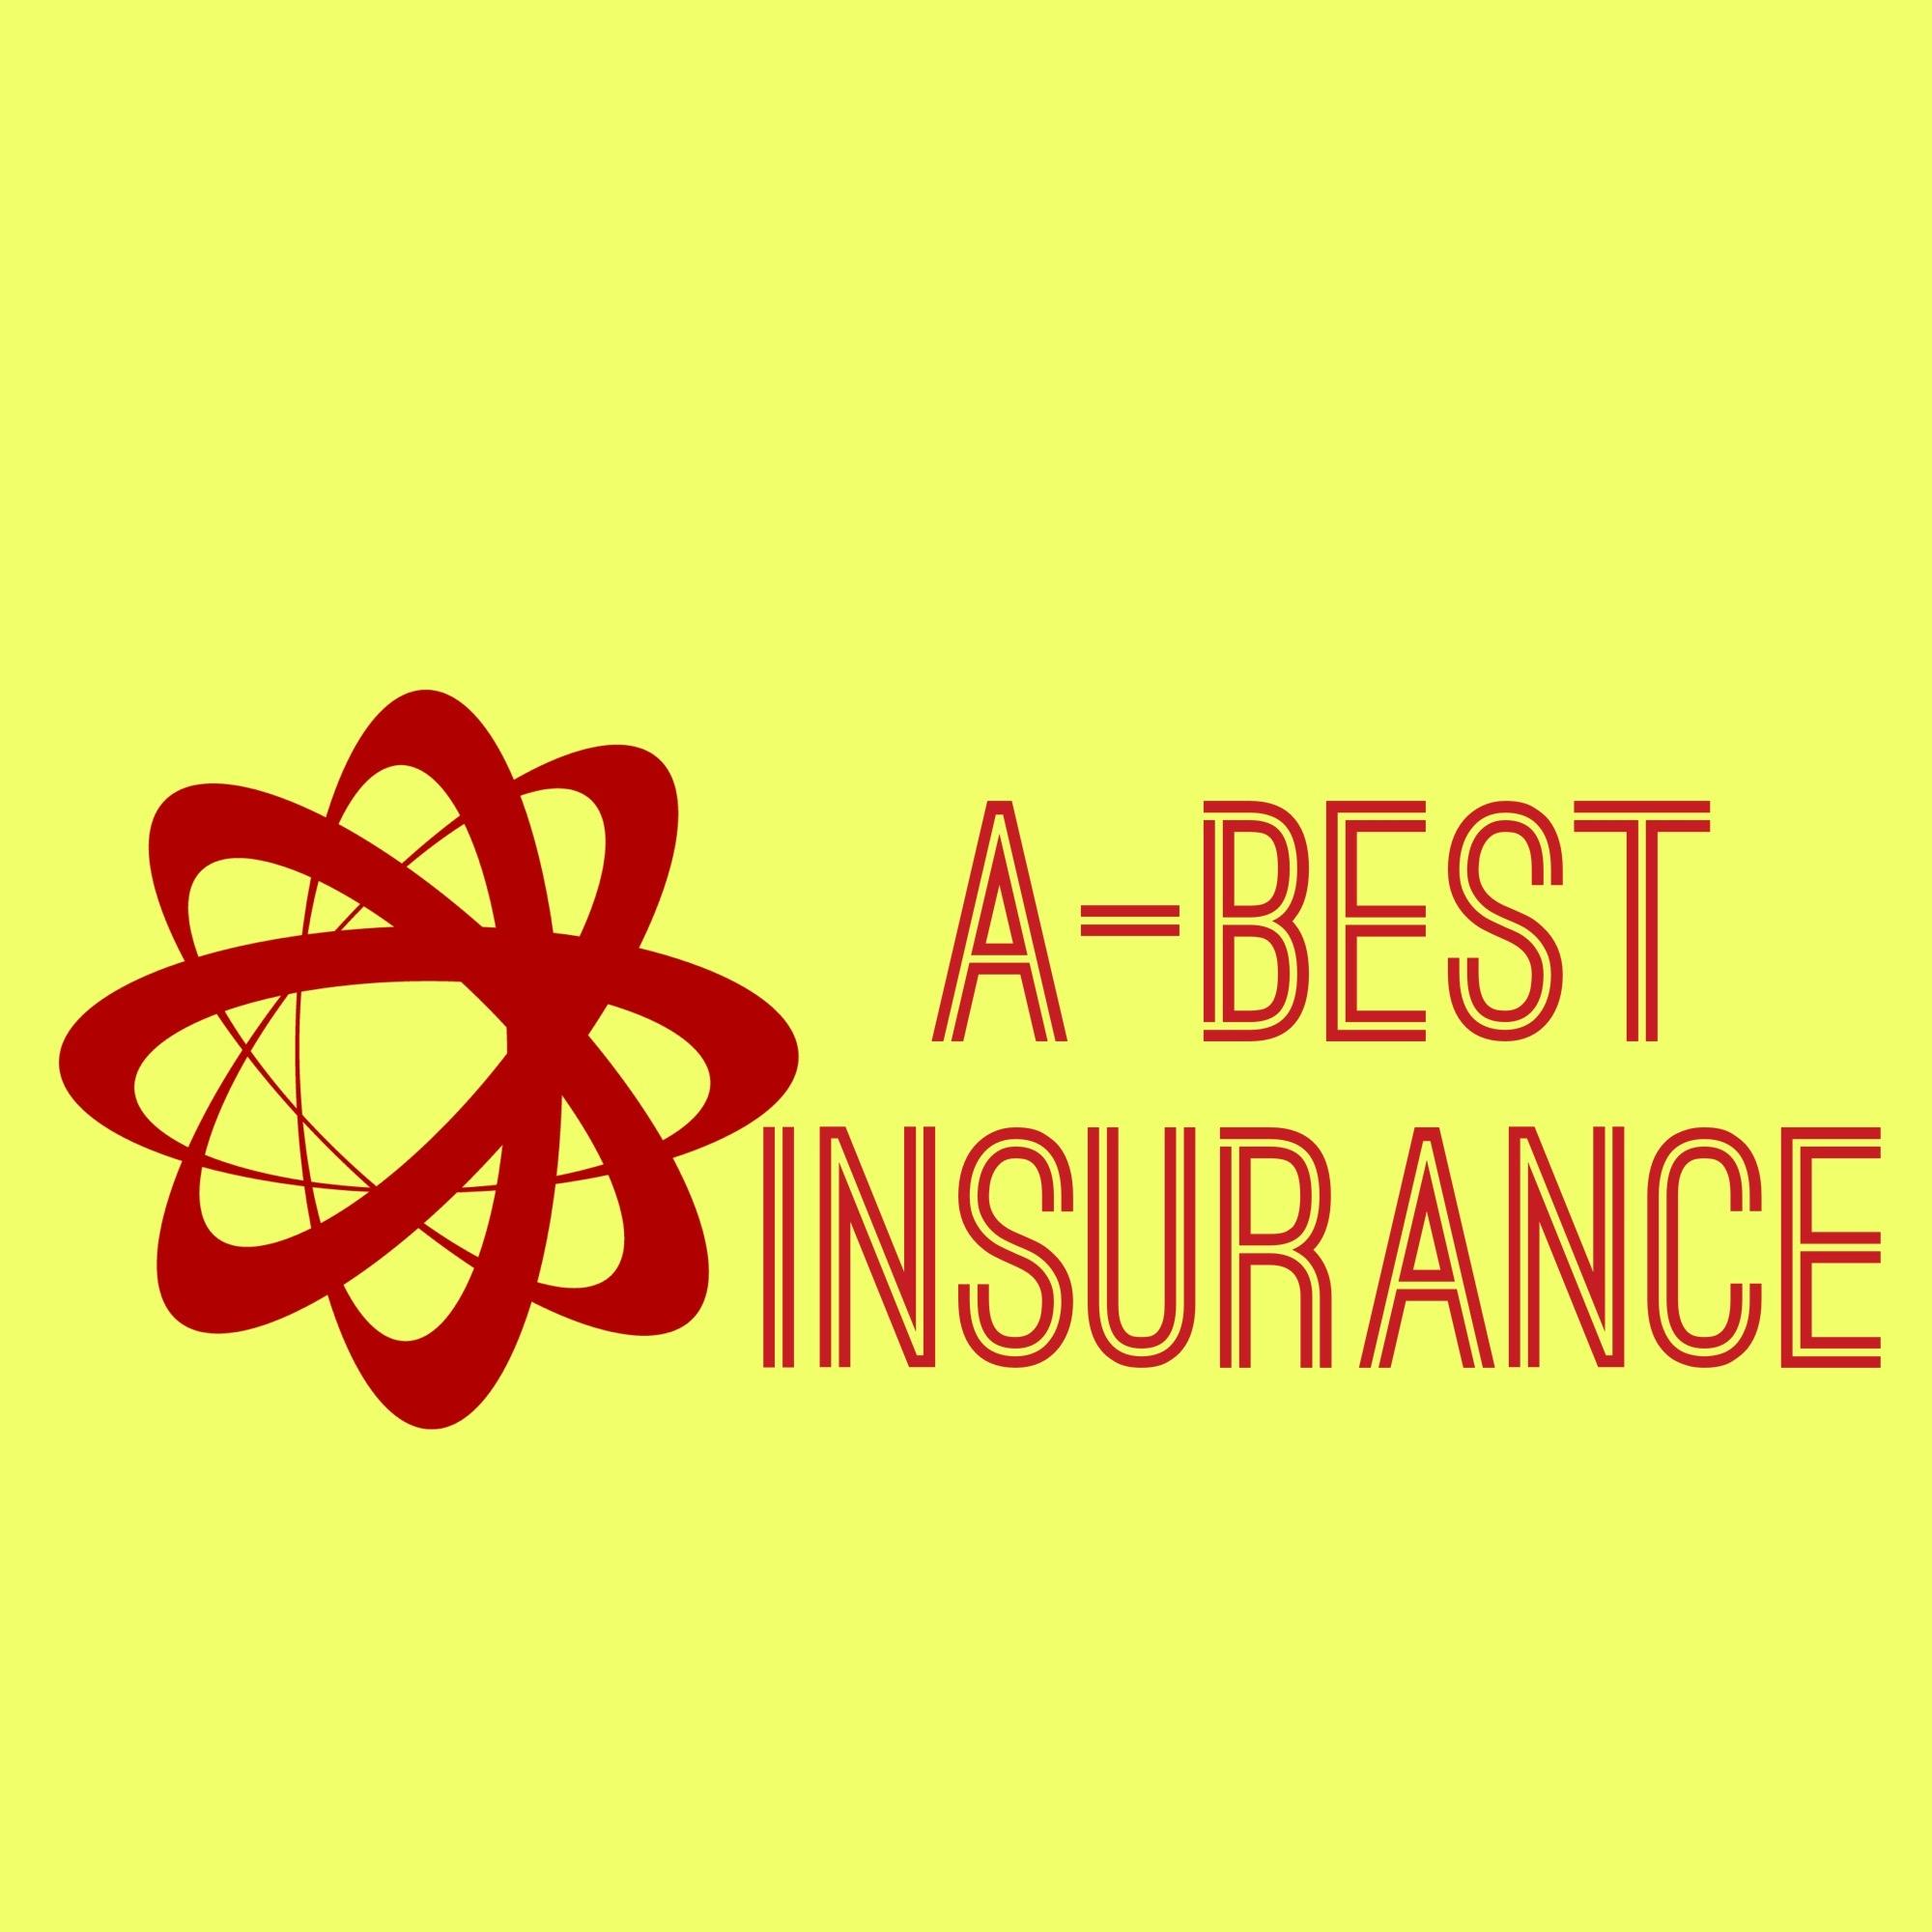 A-Best Insurance